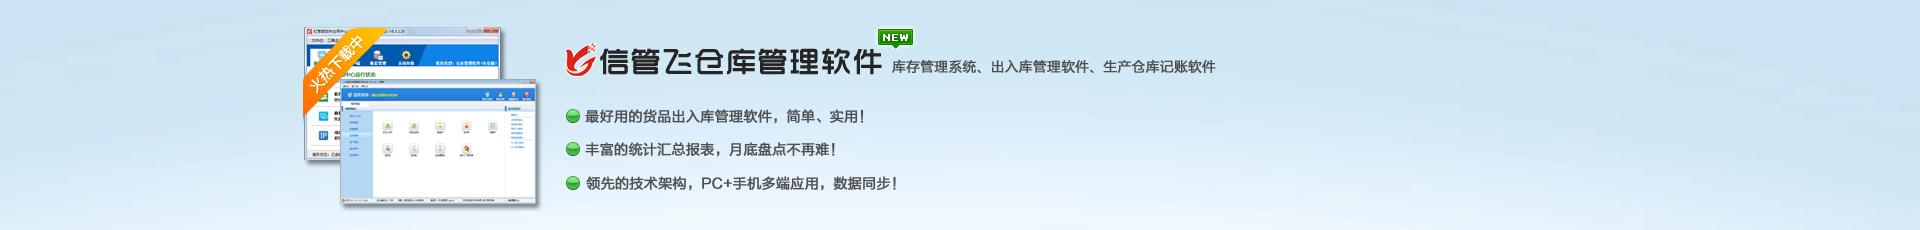 信管飞仓库管理软件V9.1.369发布